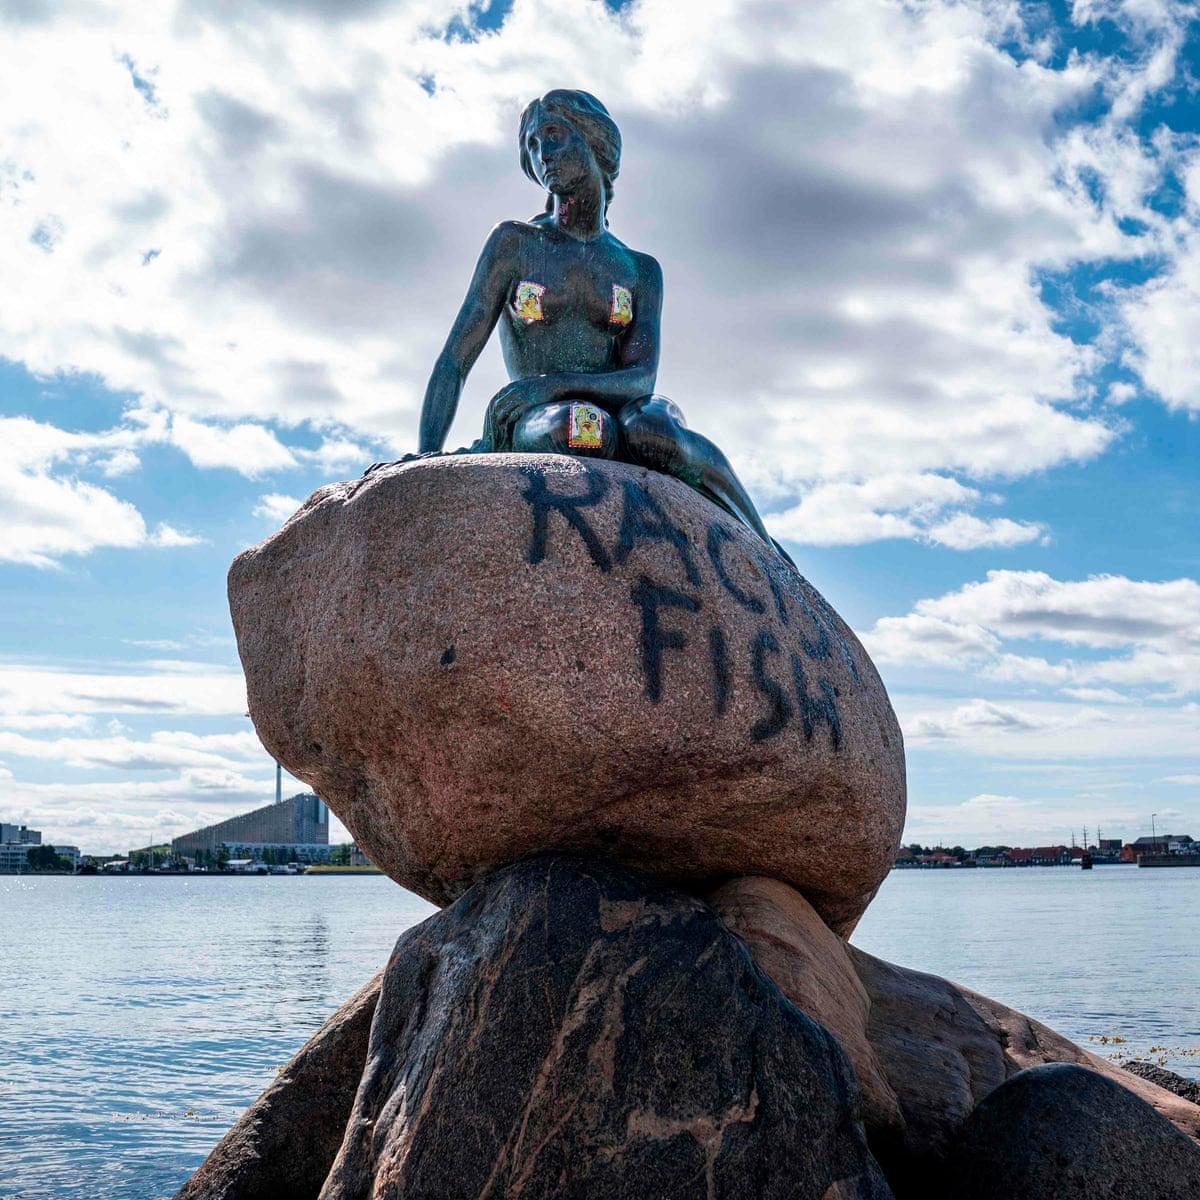 """#Dinamarca Estatua de La Sirenita de Copenhague, símbolo turístico de la capital danesa, fue vandalizada hoy por grupos antifascistas con una pintada con la leyenda """"racist fish"""" (""""pez racista""""), informaron las autoridades. Decenas de monumentos ya fueron dañados por anarquistas. pic.twitter.com/Ygw2XRNfH8"""